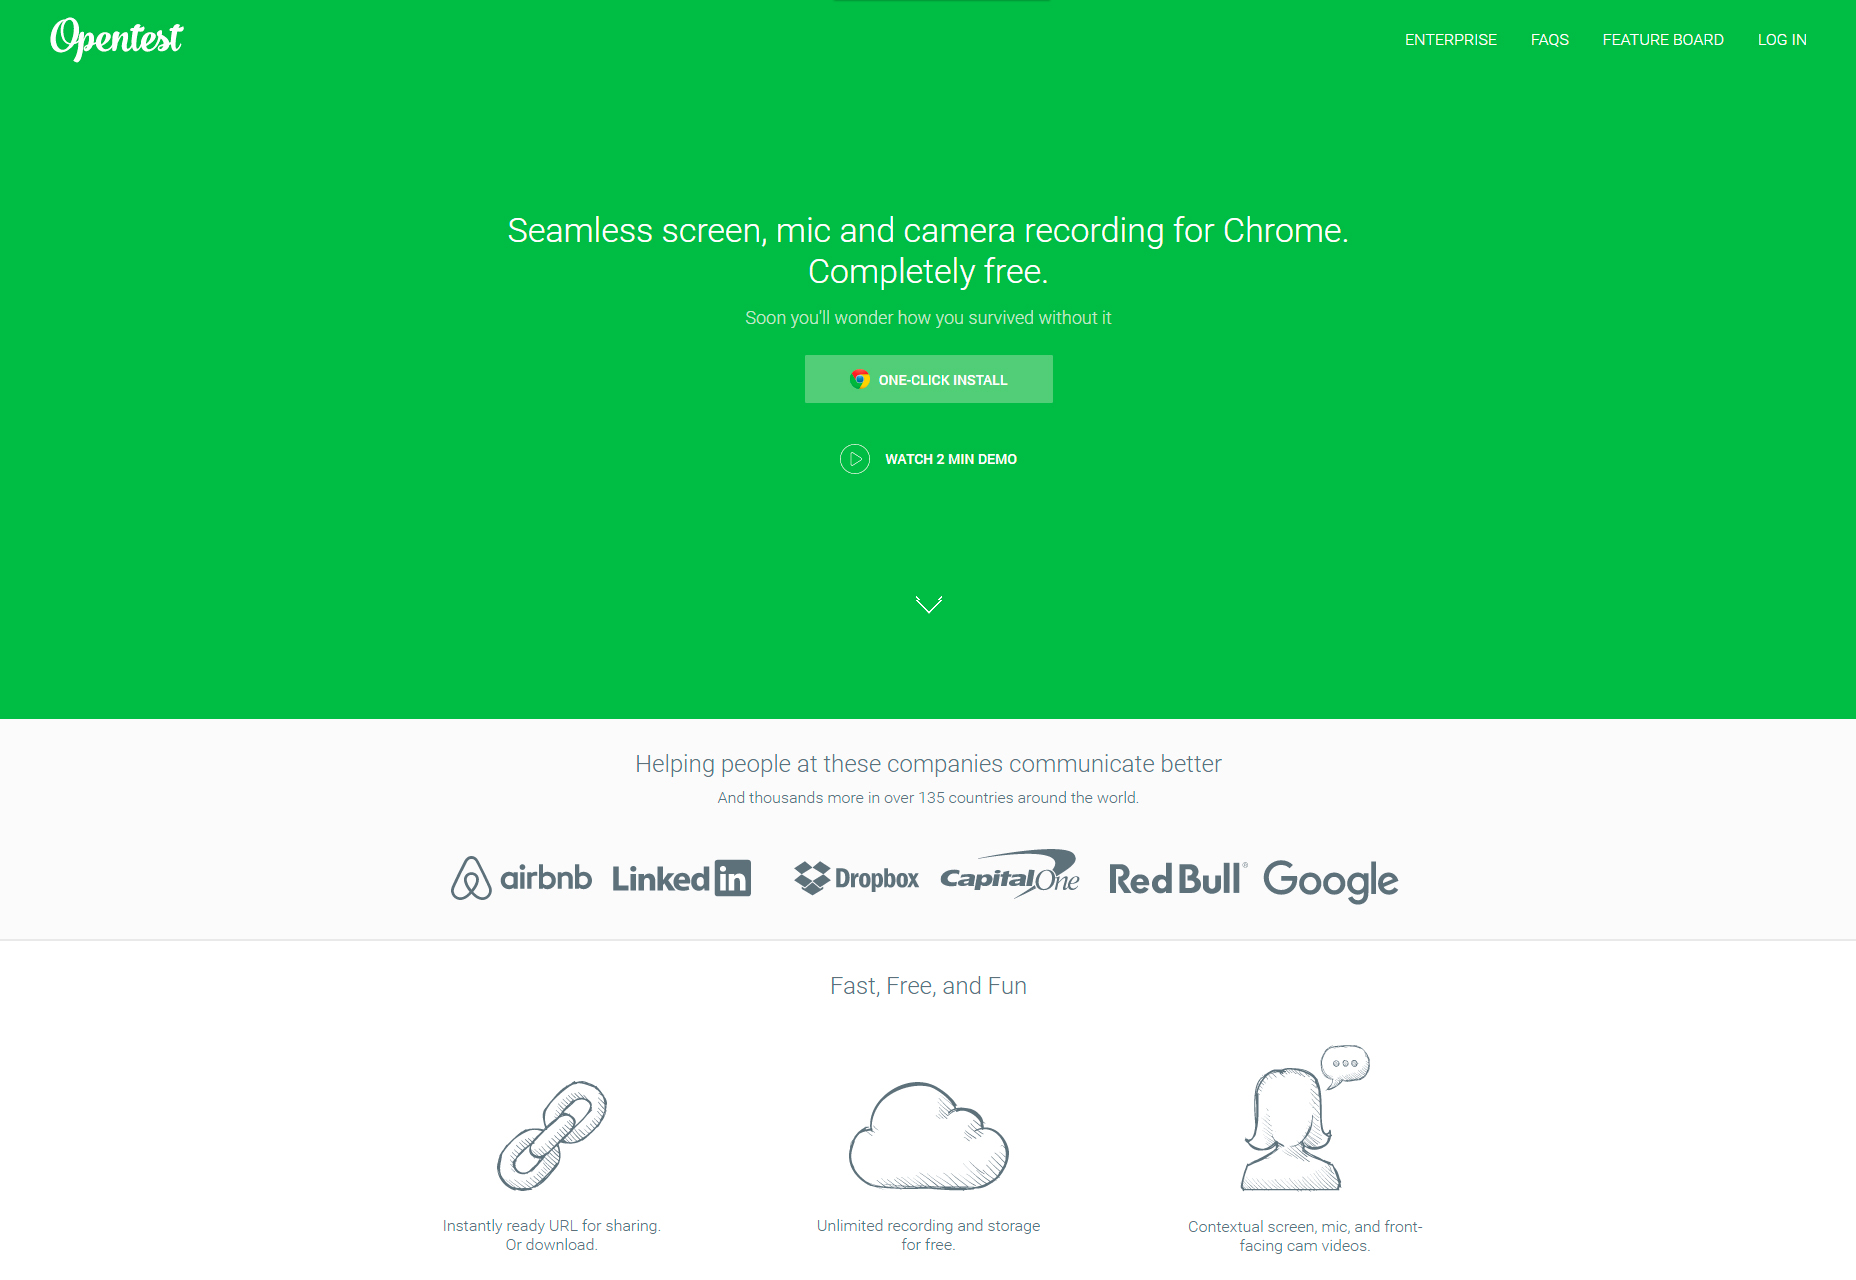 Oponent: Bezproblémová obrazovka, záznam mikrofonu a kamery pro Chrome